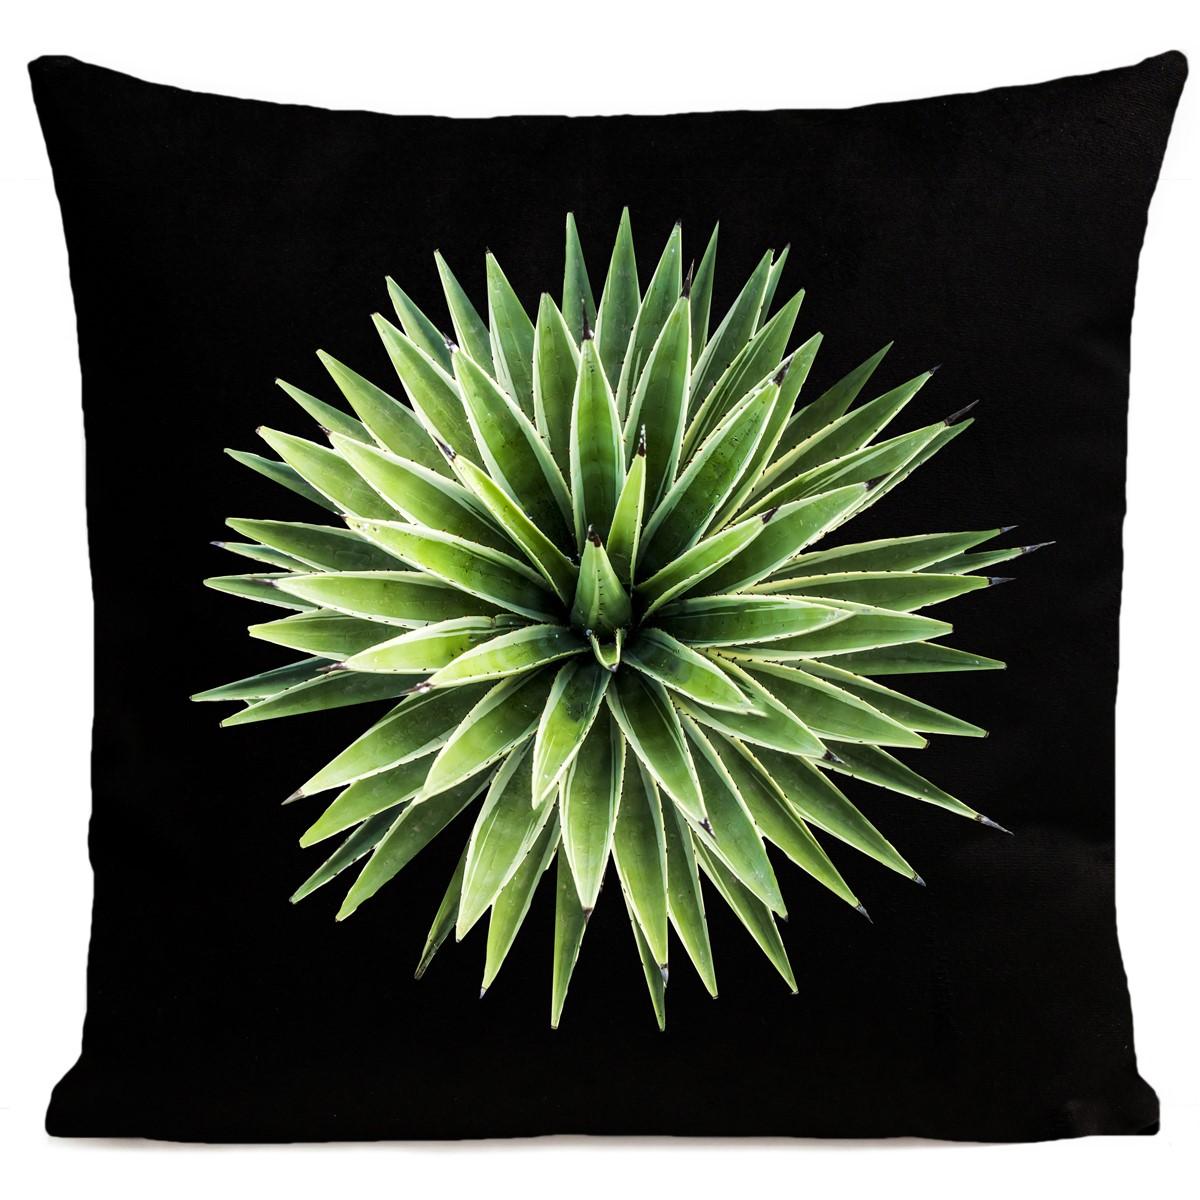 Coussin velours carré imprimé floraux noir 40x40